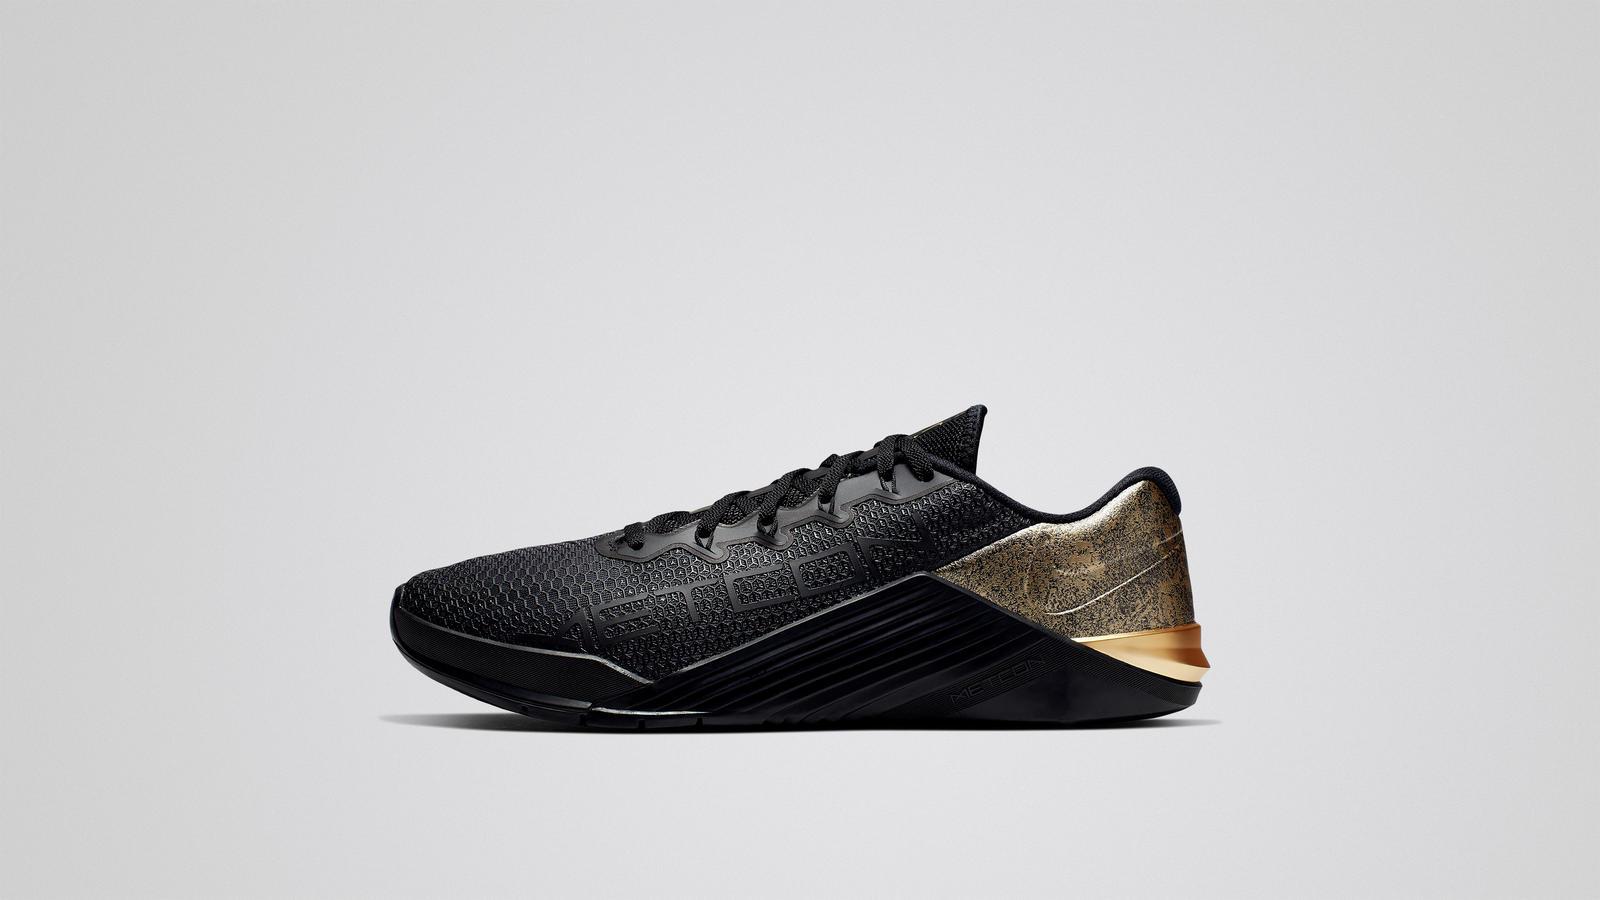 Comprar zapatillas Nike Kyrie 6 Enlightenment